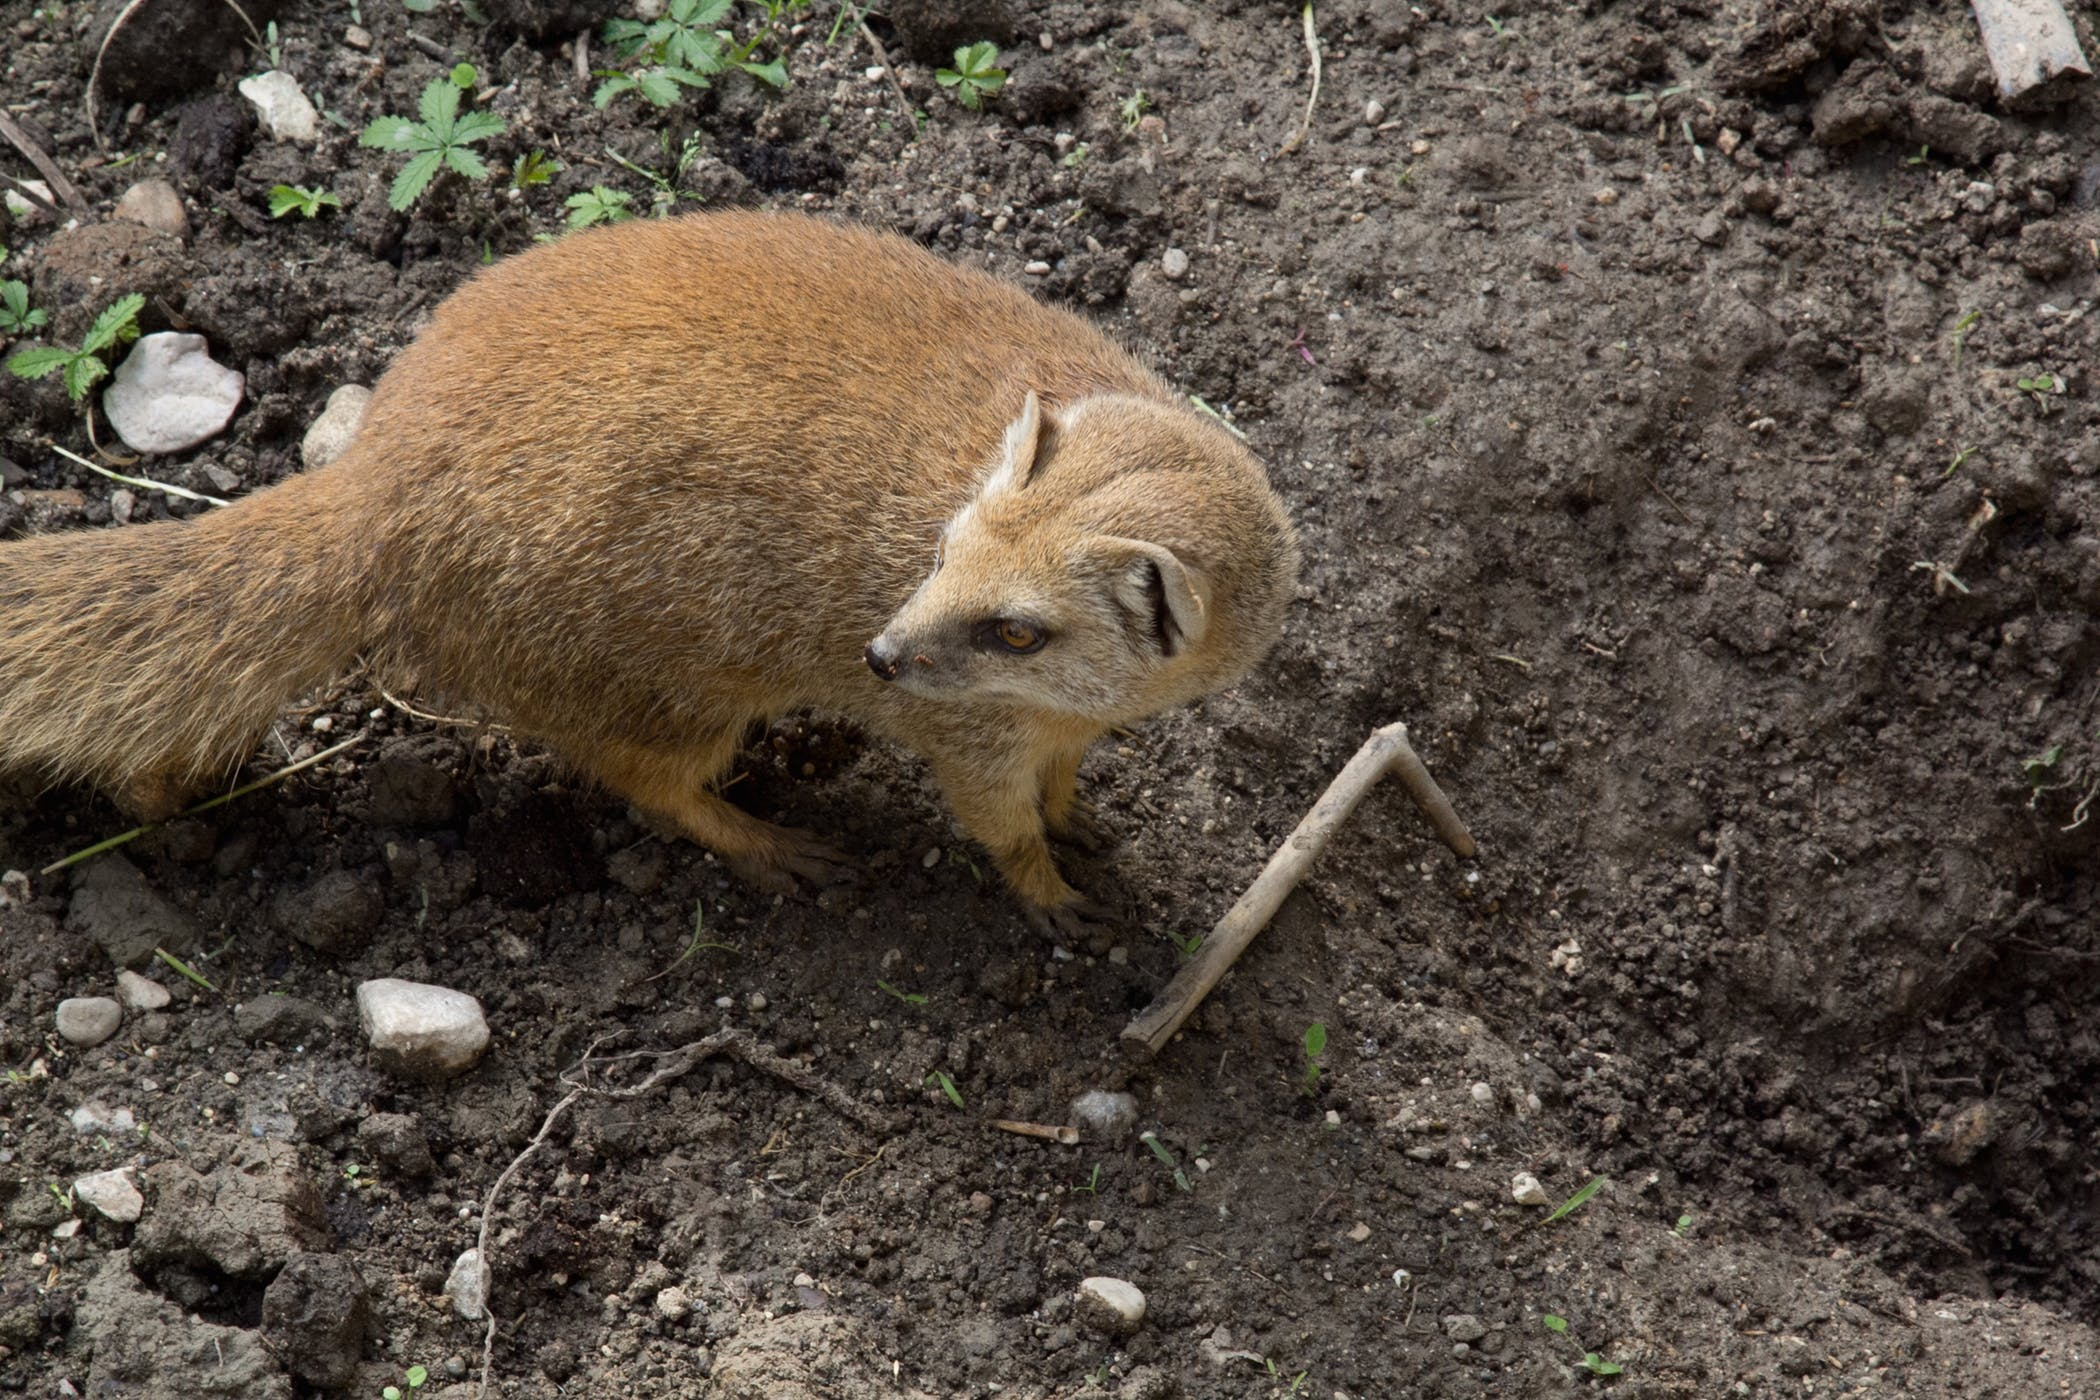 Regurgitation in Ferrets